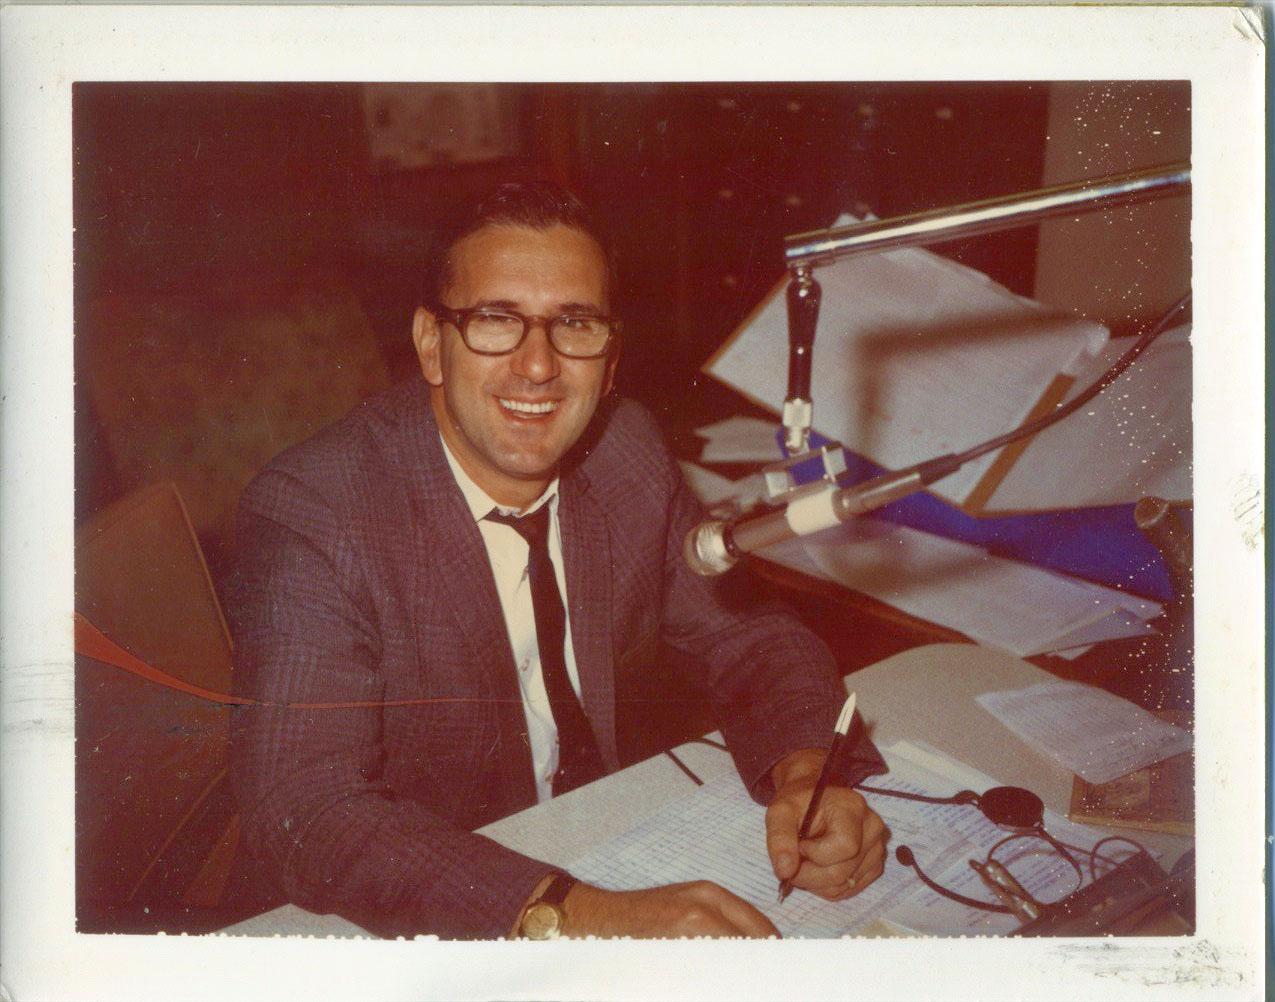 Specs Howard 1950 WKIN